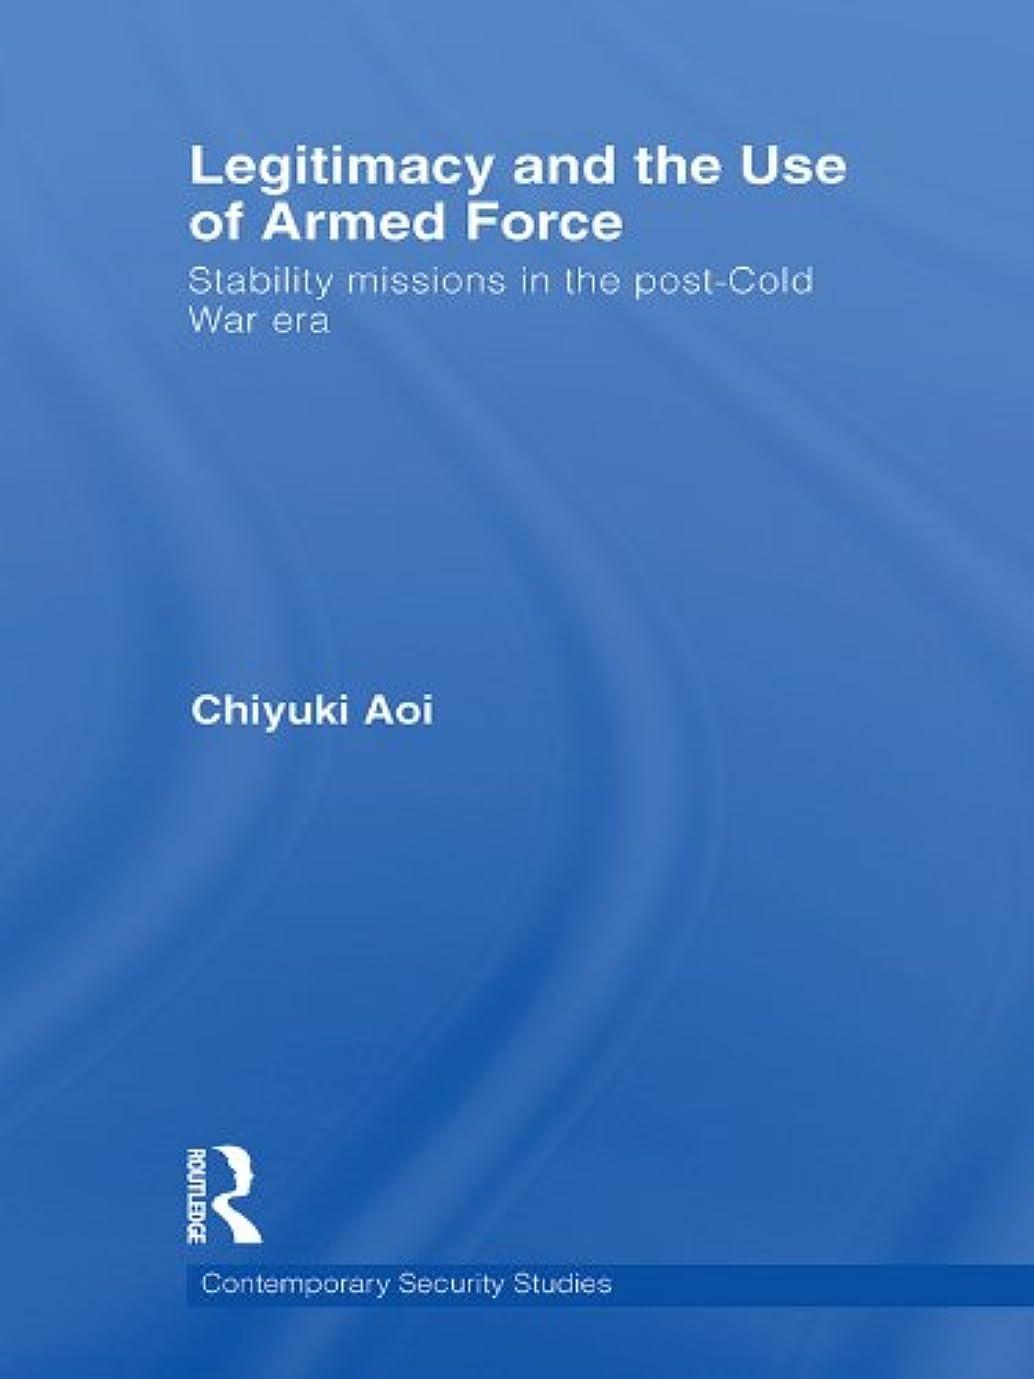 団結神秘ぴかぴかLegitimacy and the Use of Armed Force: Stability Missions in the Post-Cold War Era (Contemporary Security Studies) (English Edition)